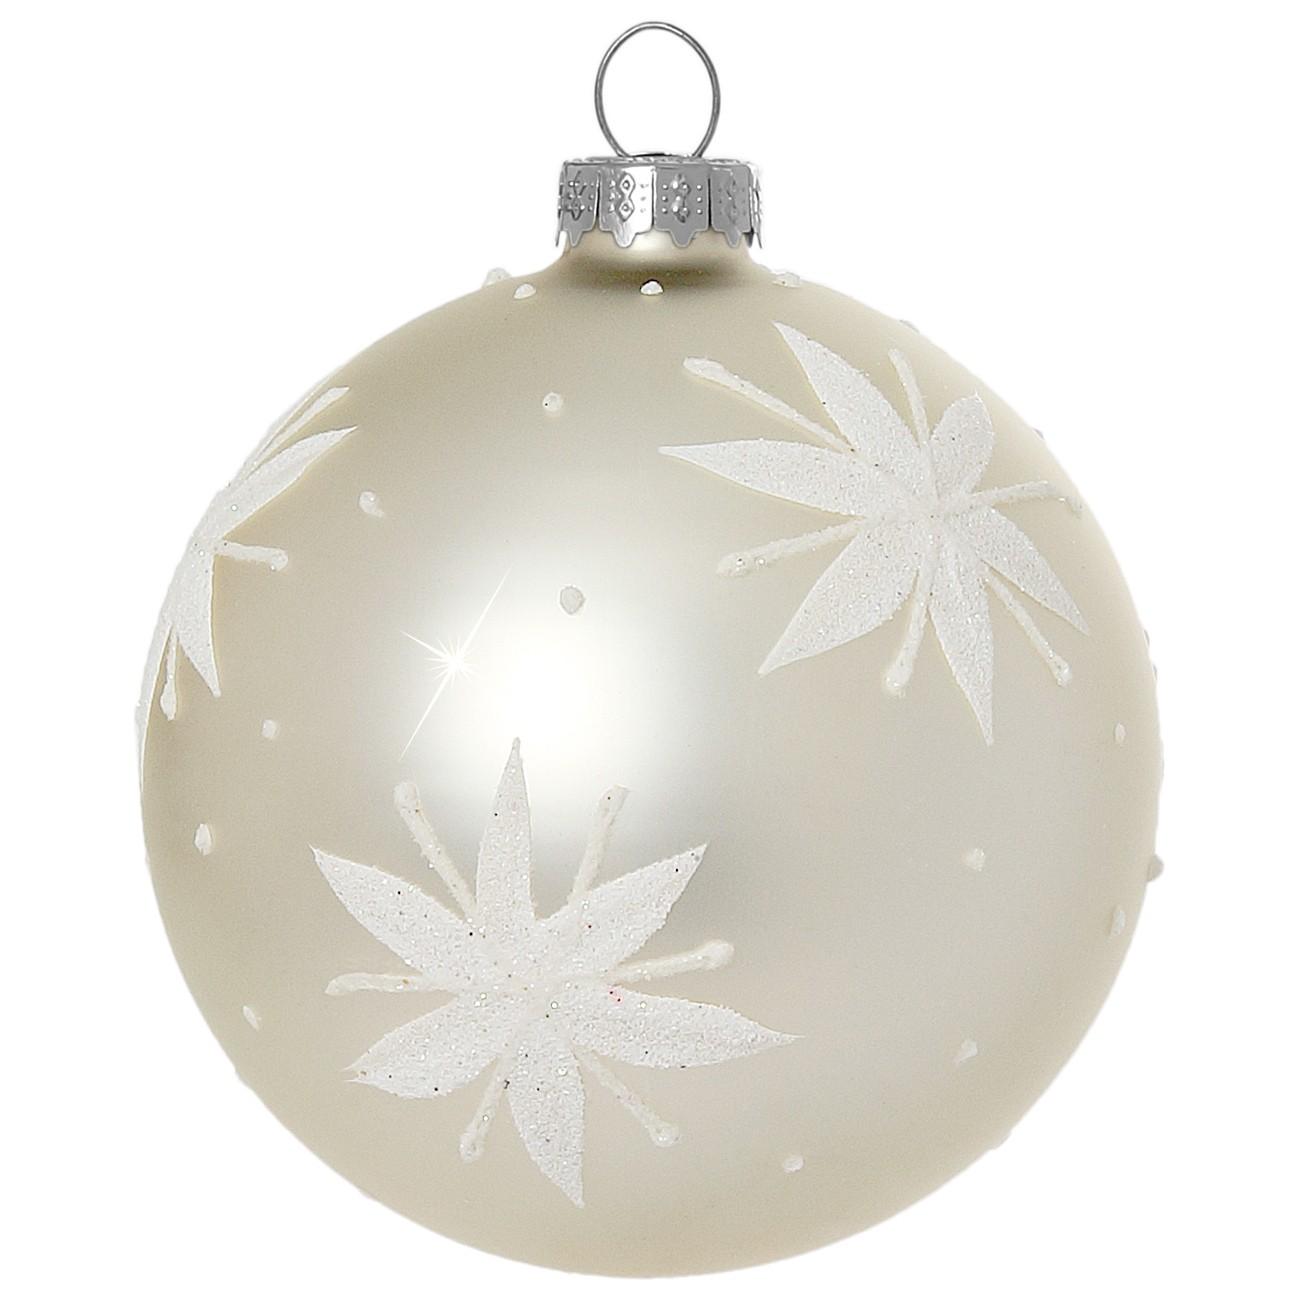 Christbaumkugeln Weiß 8cm.Sikora Christbaumkugeln Aus Glas Mit Klassischer Verzierung Stary